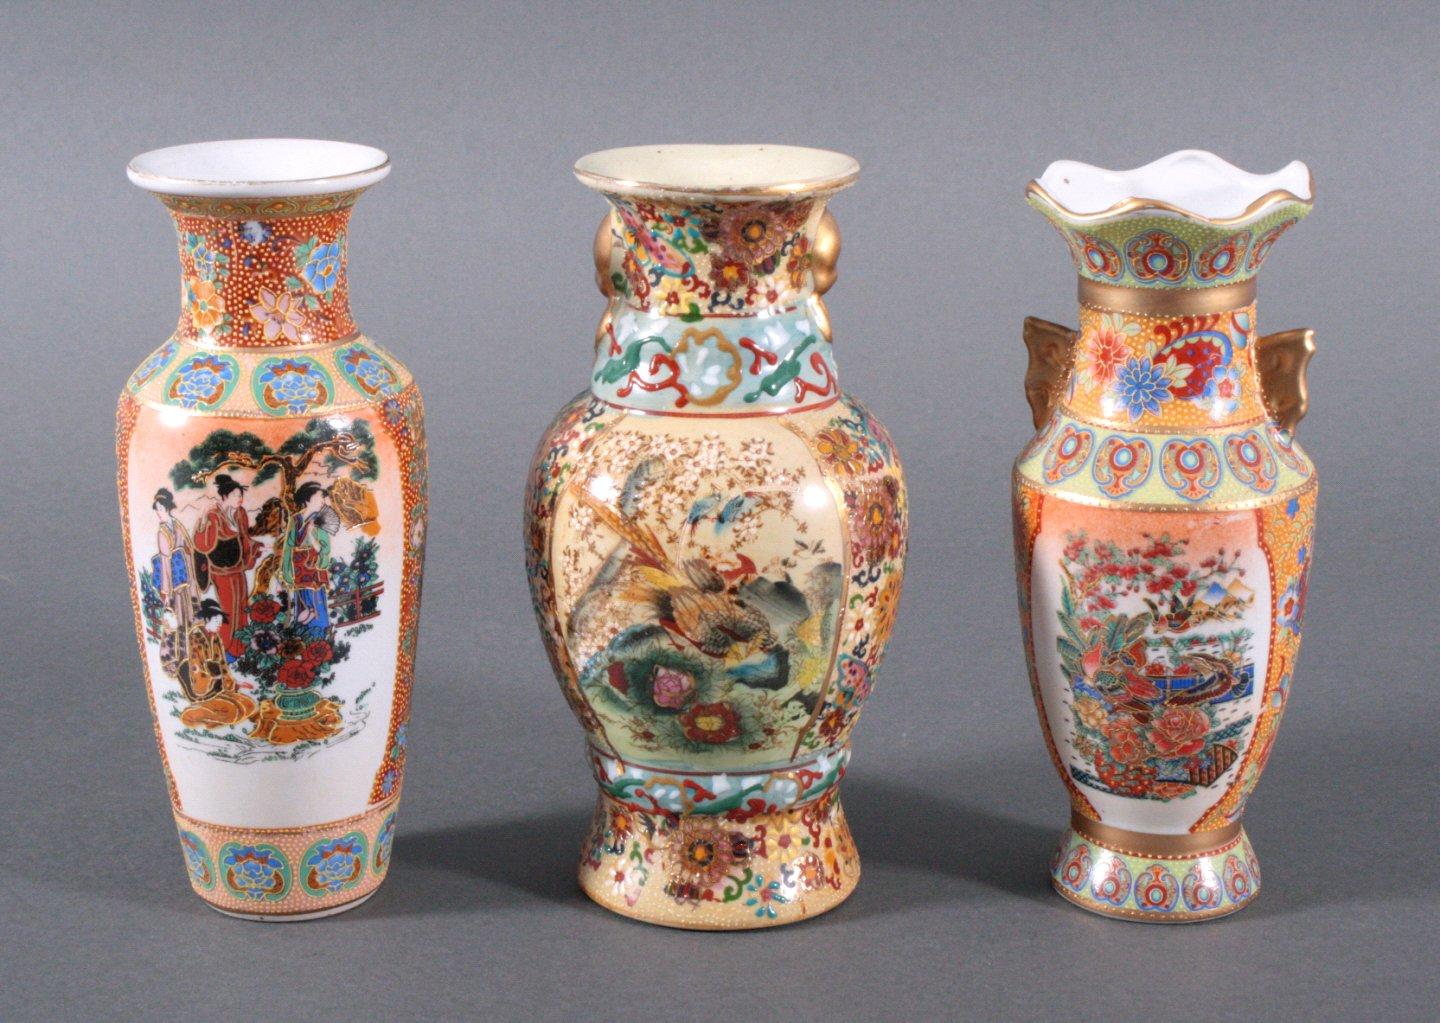 3 asiatische Vasen